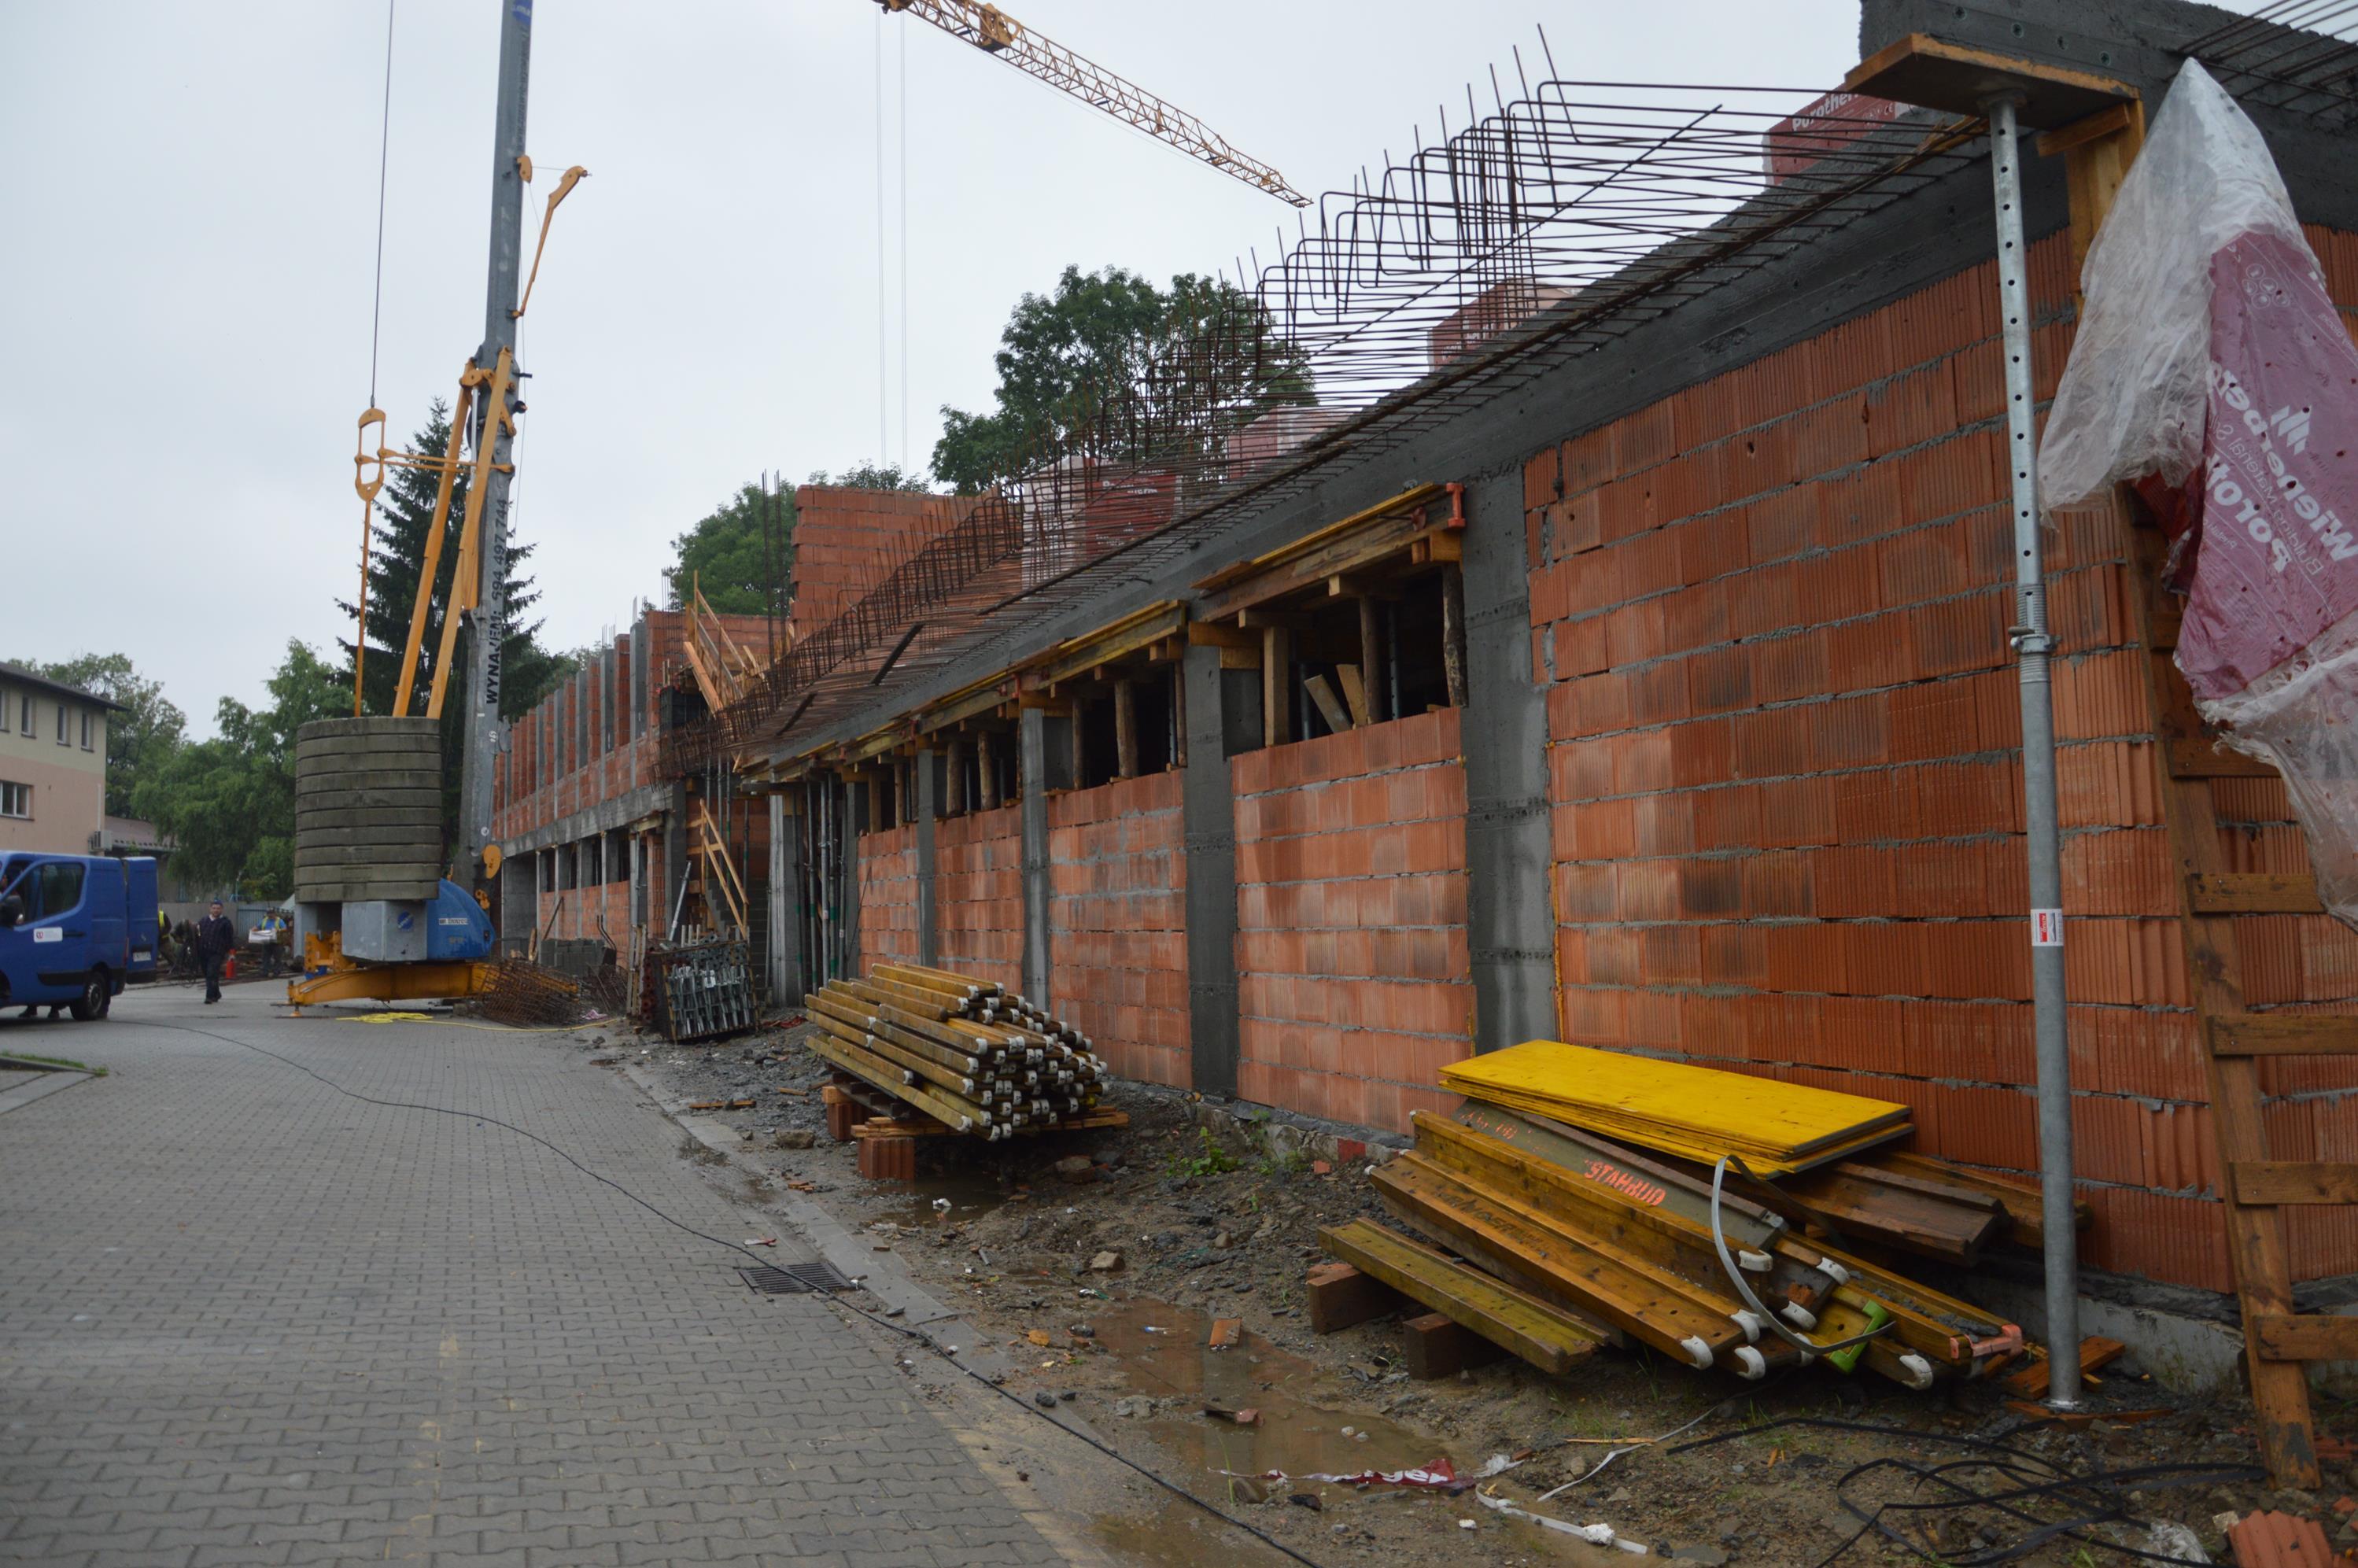 Nowa siedziba starostwa w budowie [FOTO]